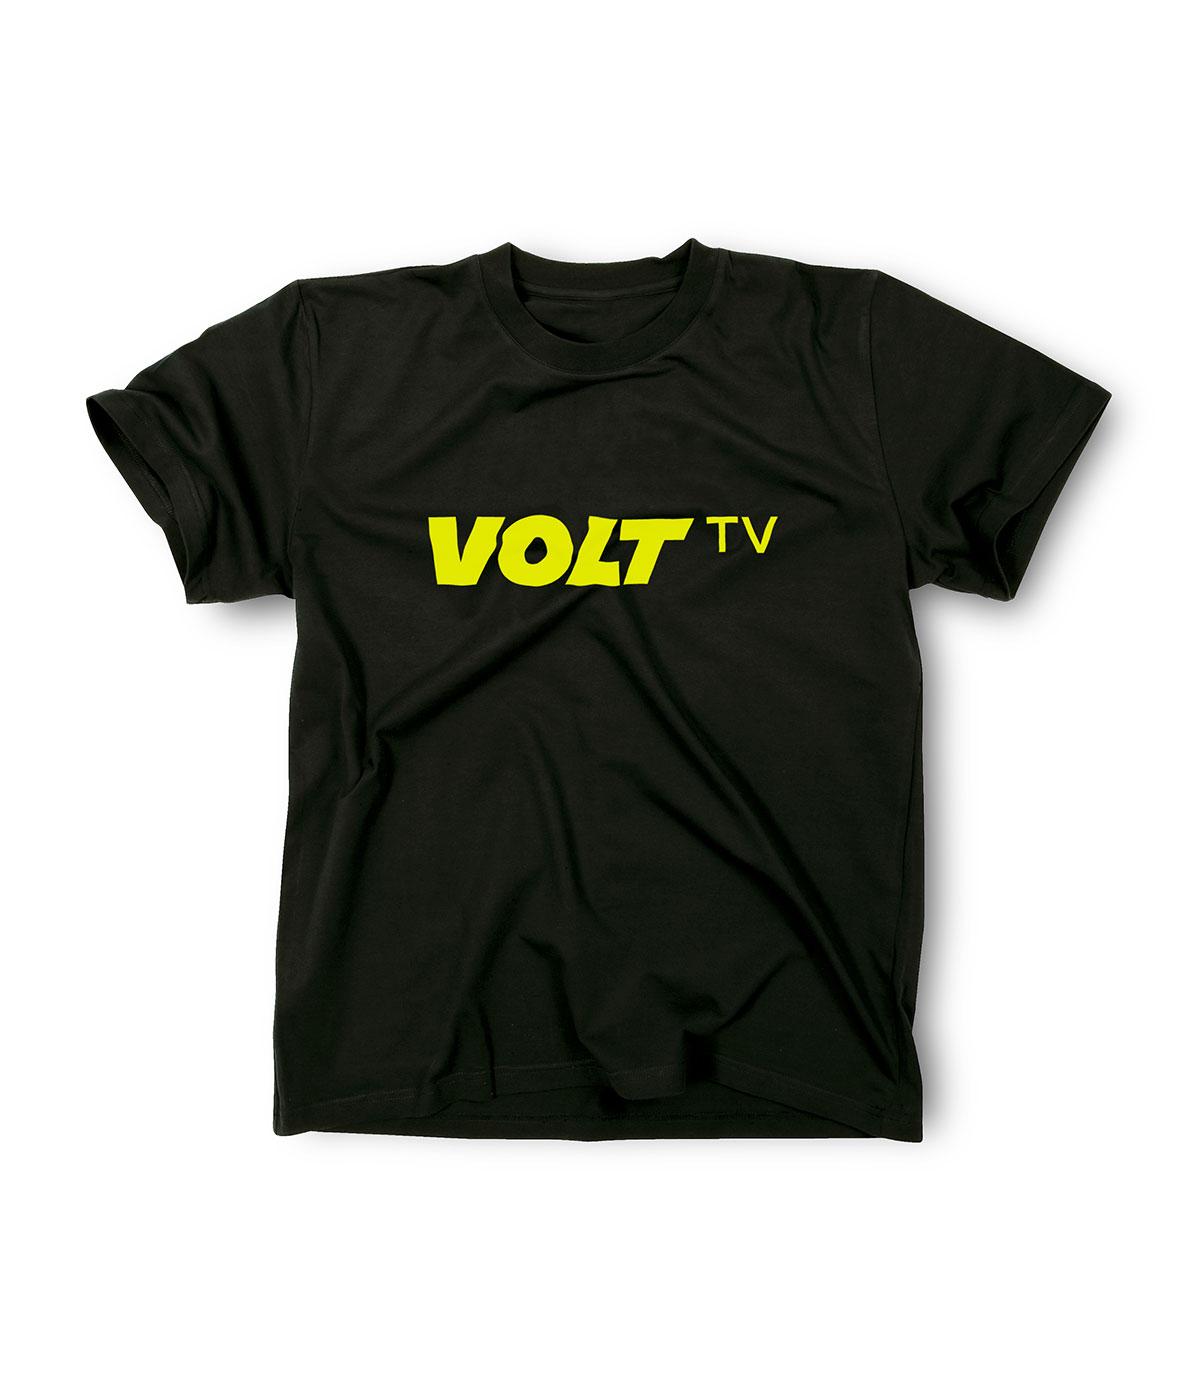 A9a14652 99f4 4757 9f2b 860bb5df24d8 logo design t shirt